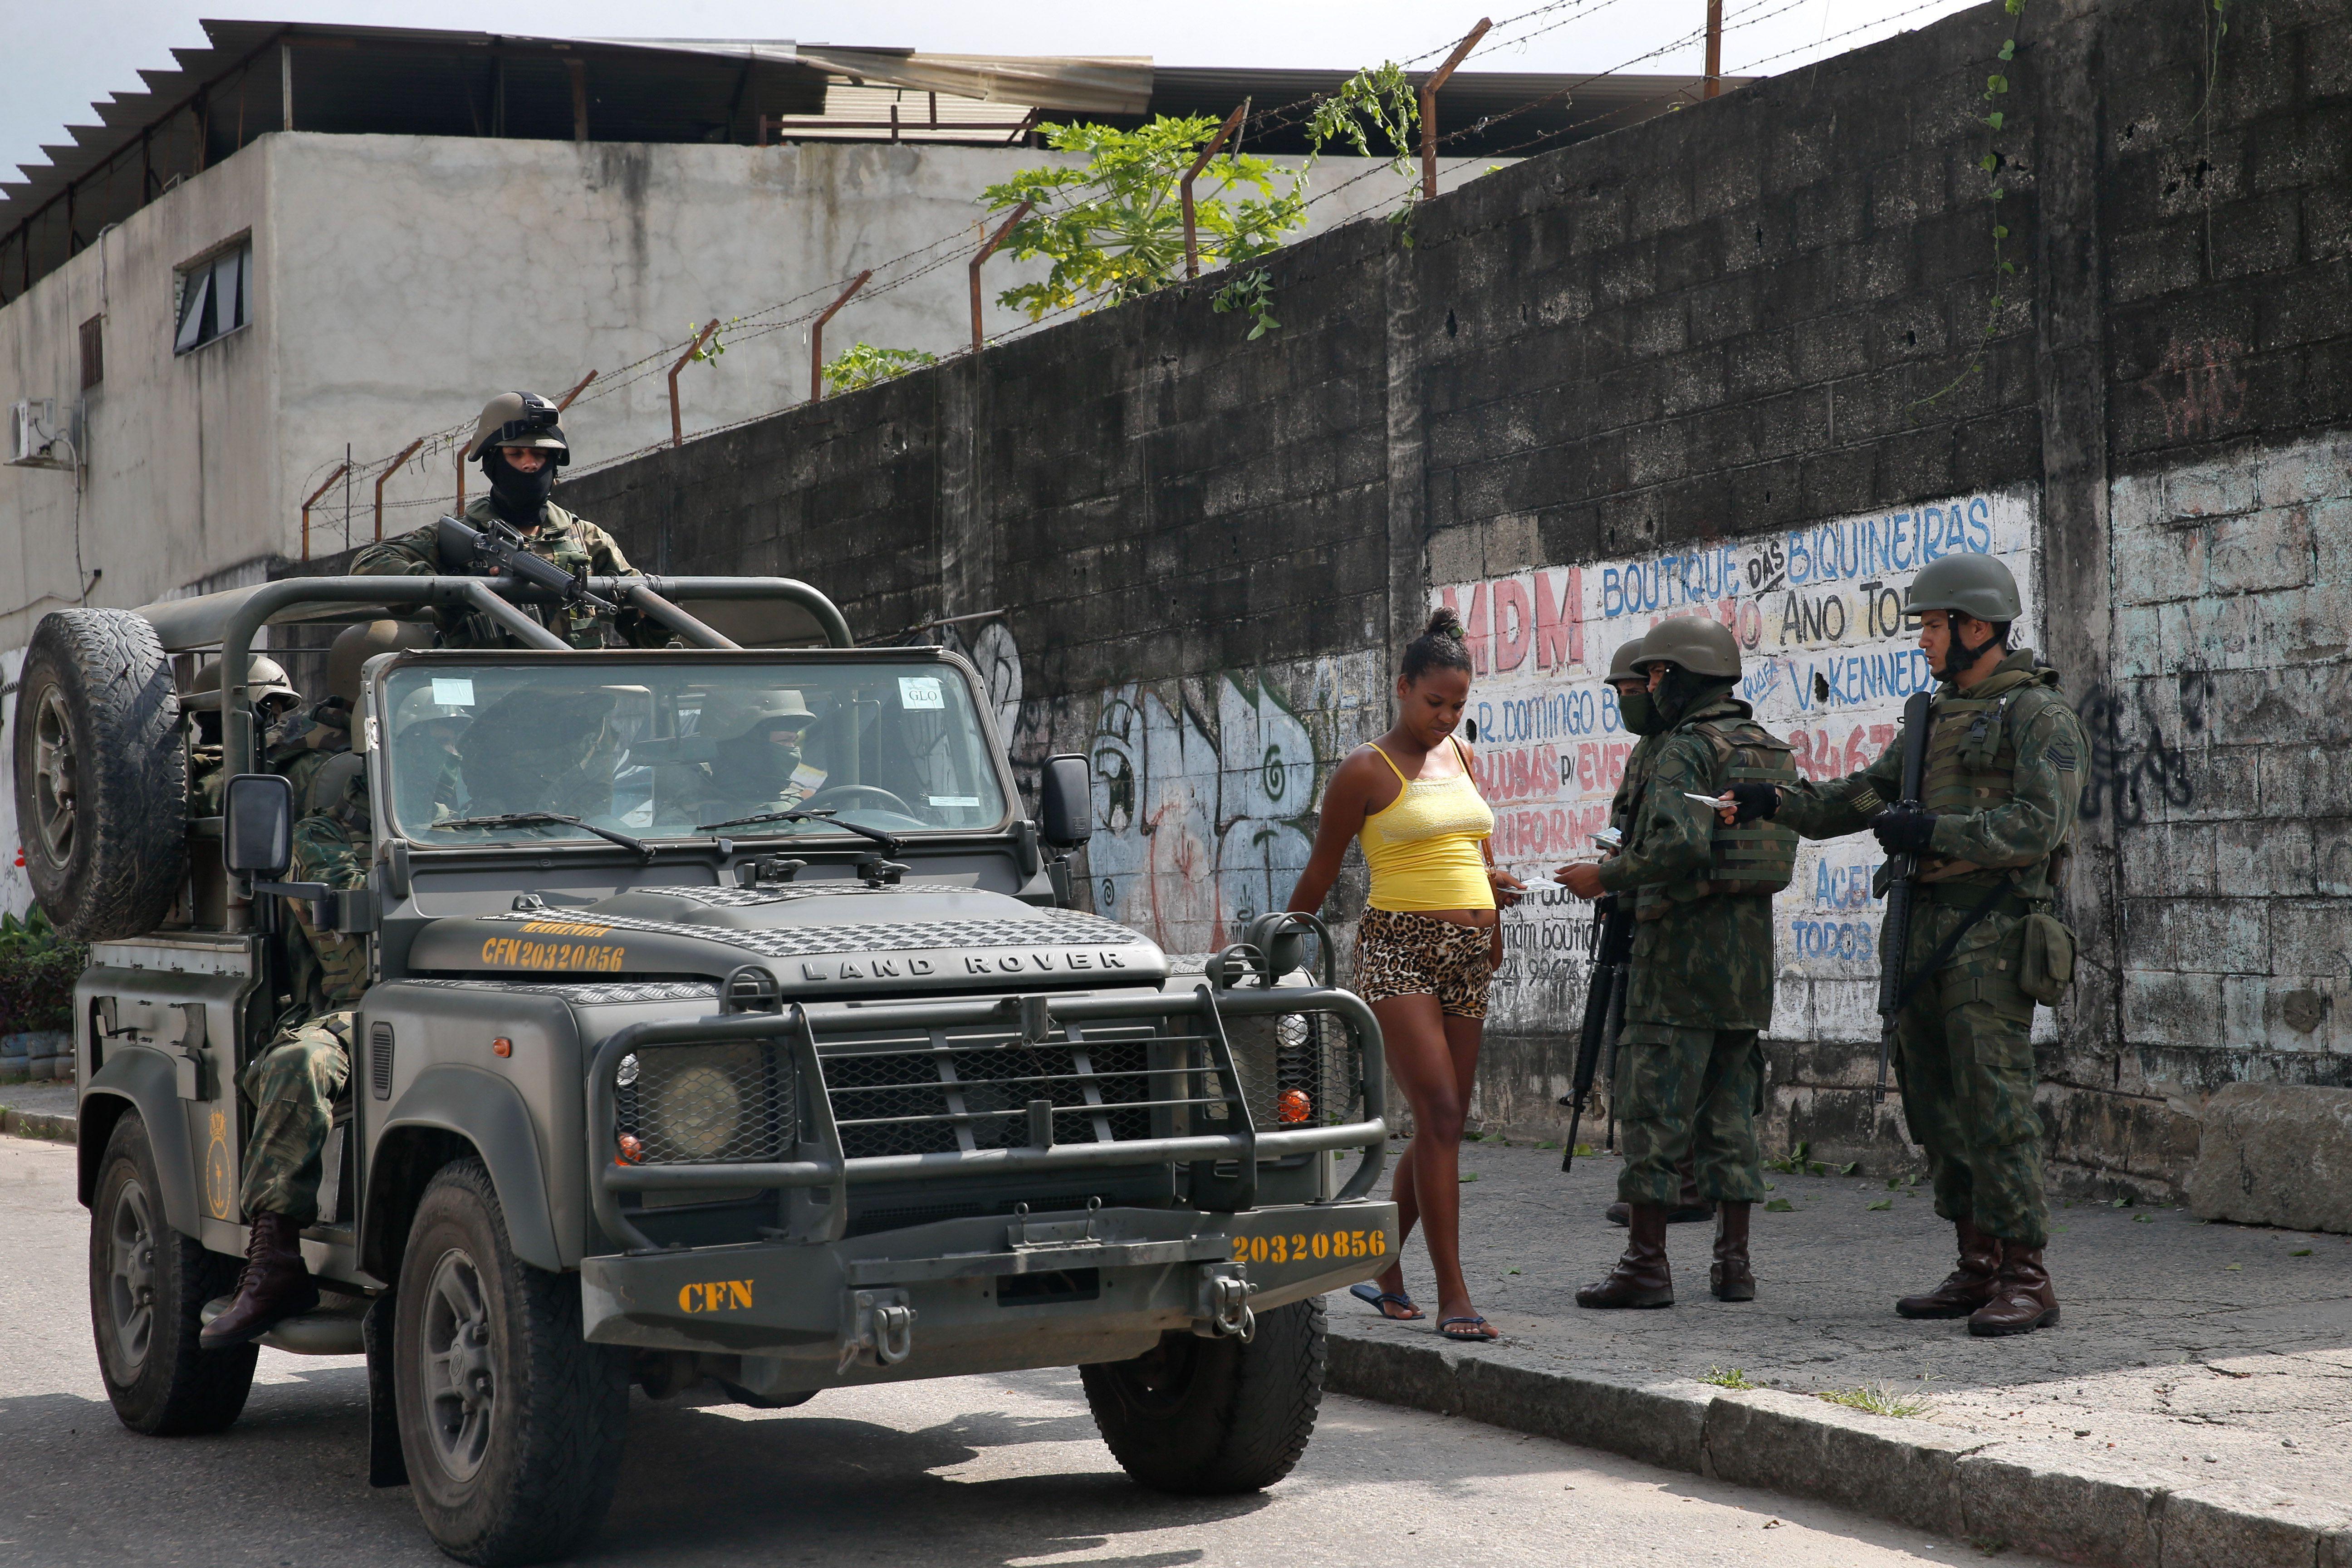 Segurança - geral - favelas intervenção federal Exército militares violência